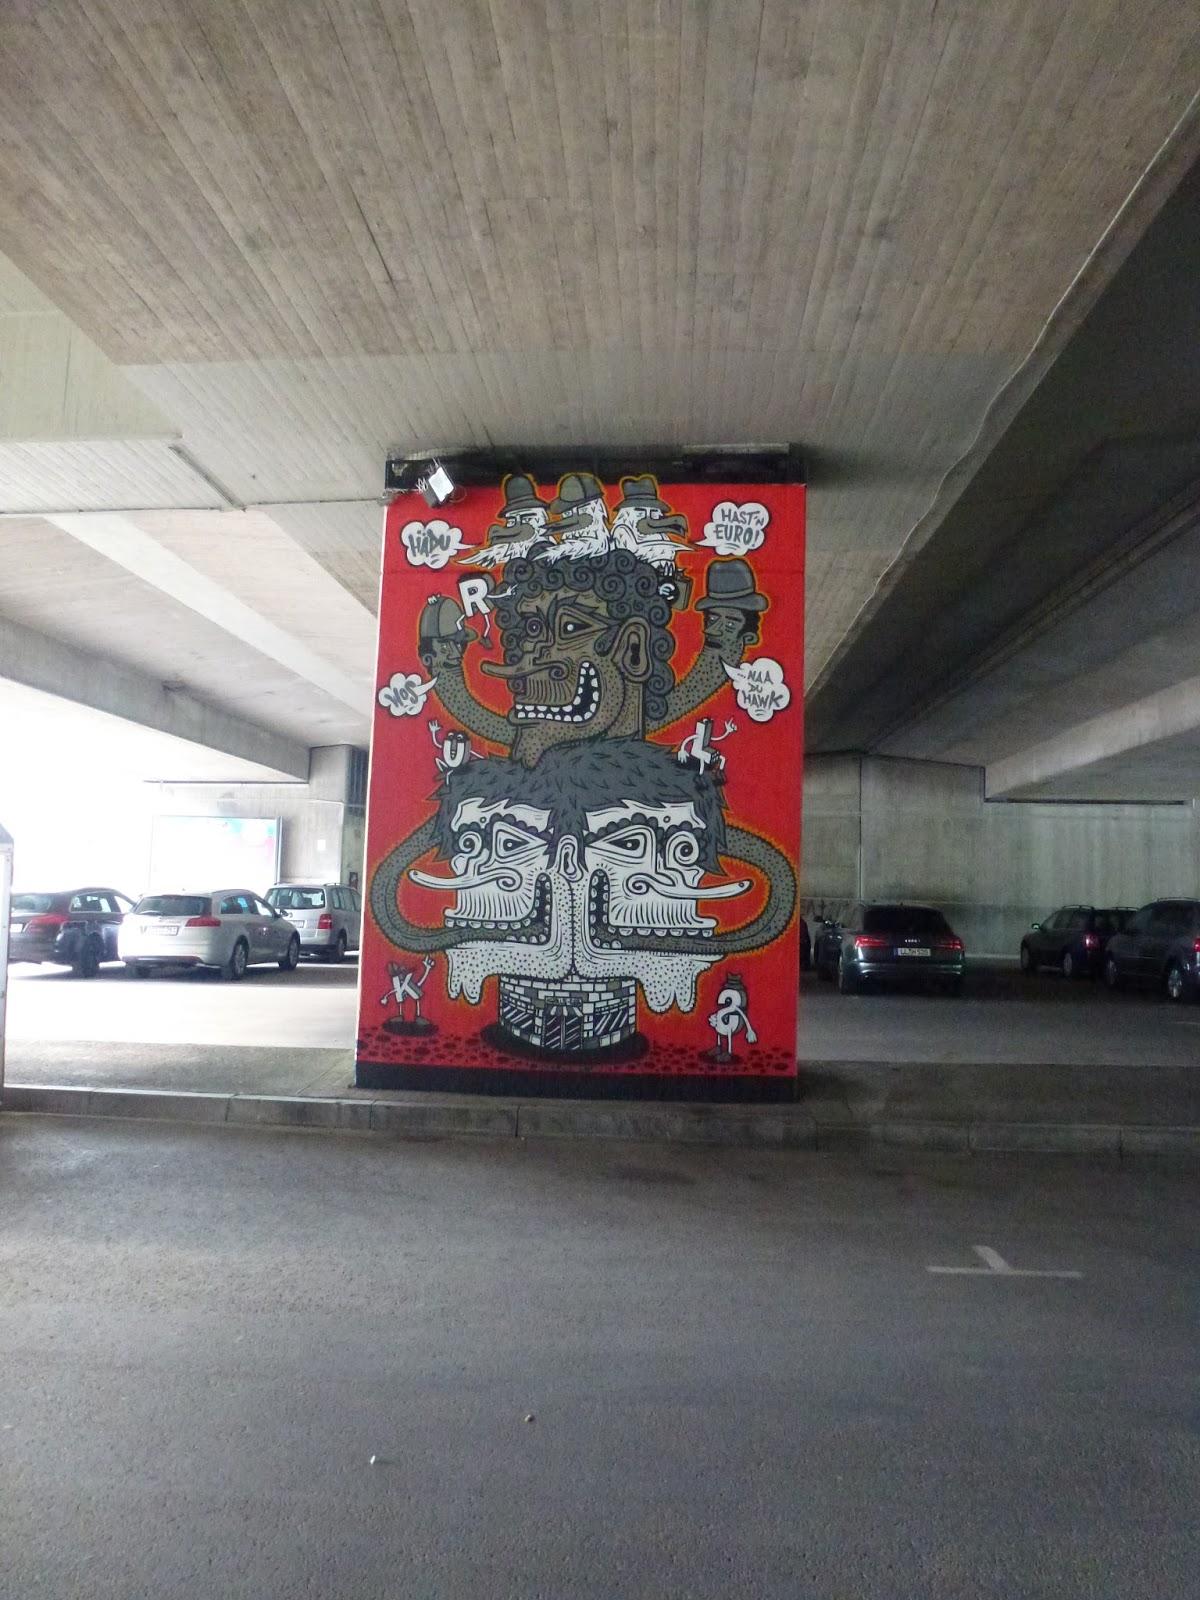 streetart und urbane kommunikation in m nchen k rls unter der donnersbergerbr cke. Black Bedroom Furniture Sets. Home Design Ideas